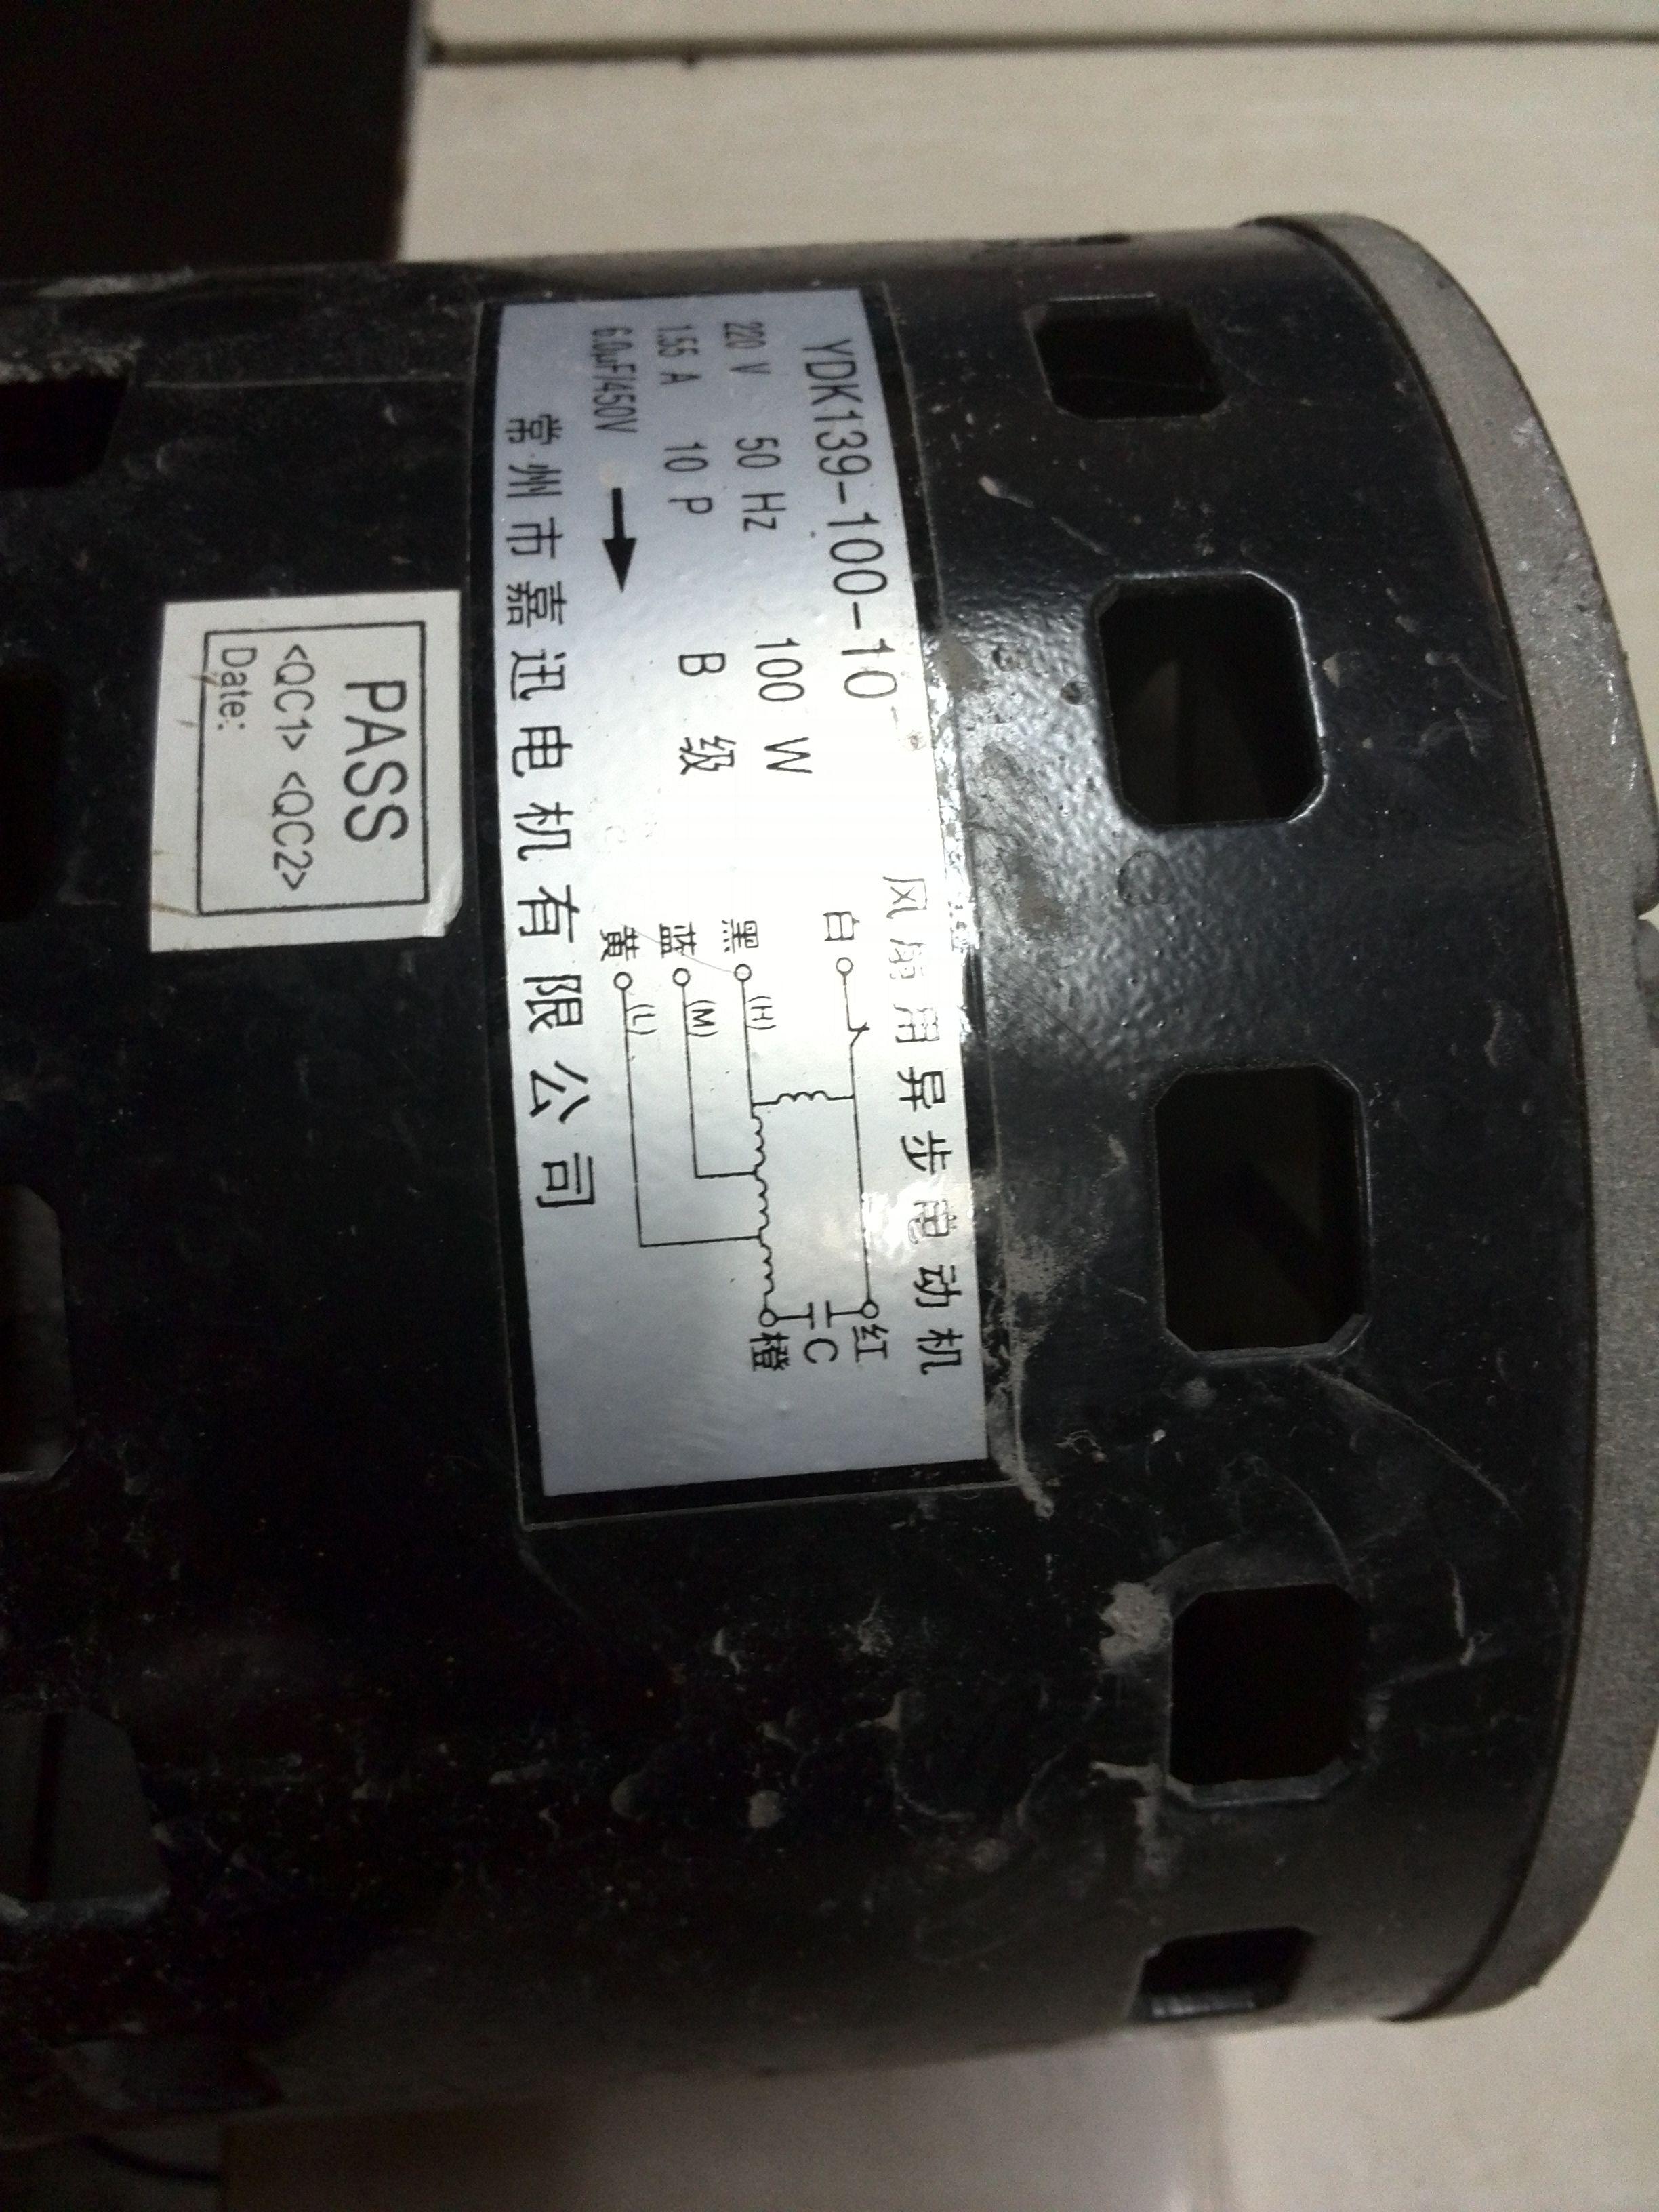 风扇电机接线图 交流接触器接线图-电风扇电路图 电风扇电机接线图 图片